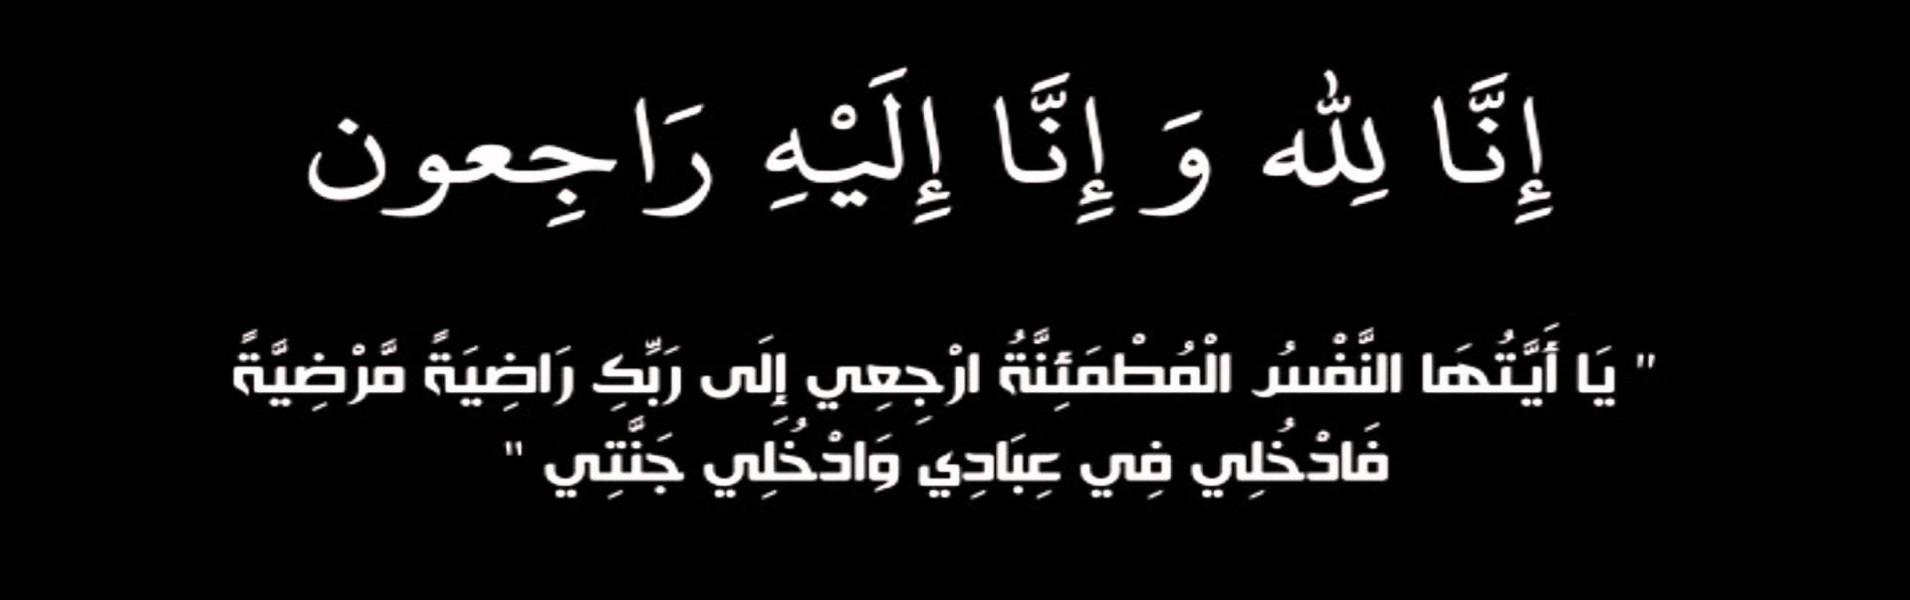 جامعة مدينة السادات تنعي الشيخ صباح الأحمد الجابر الصباح امير دولة الكويت